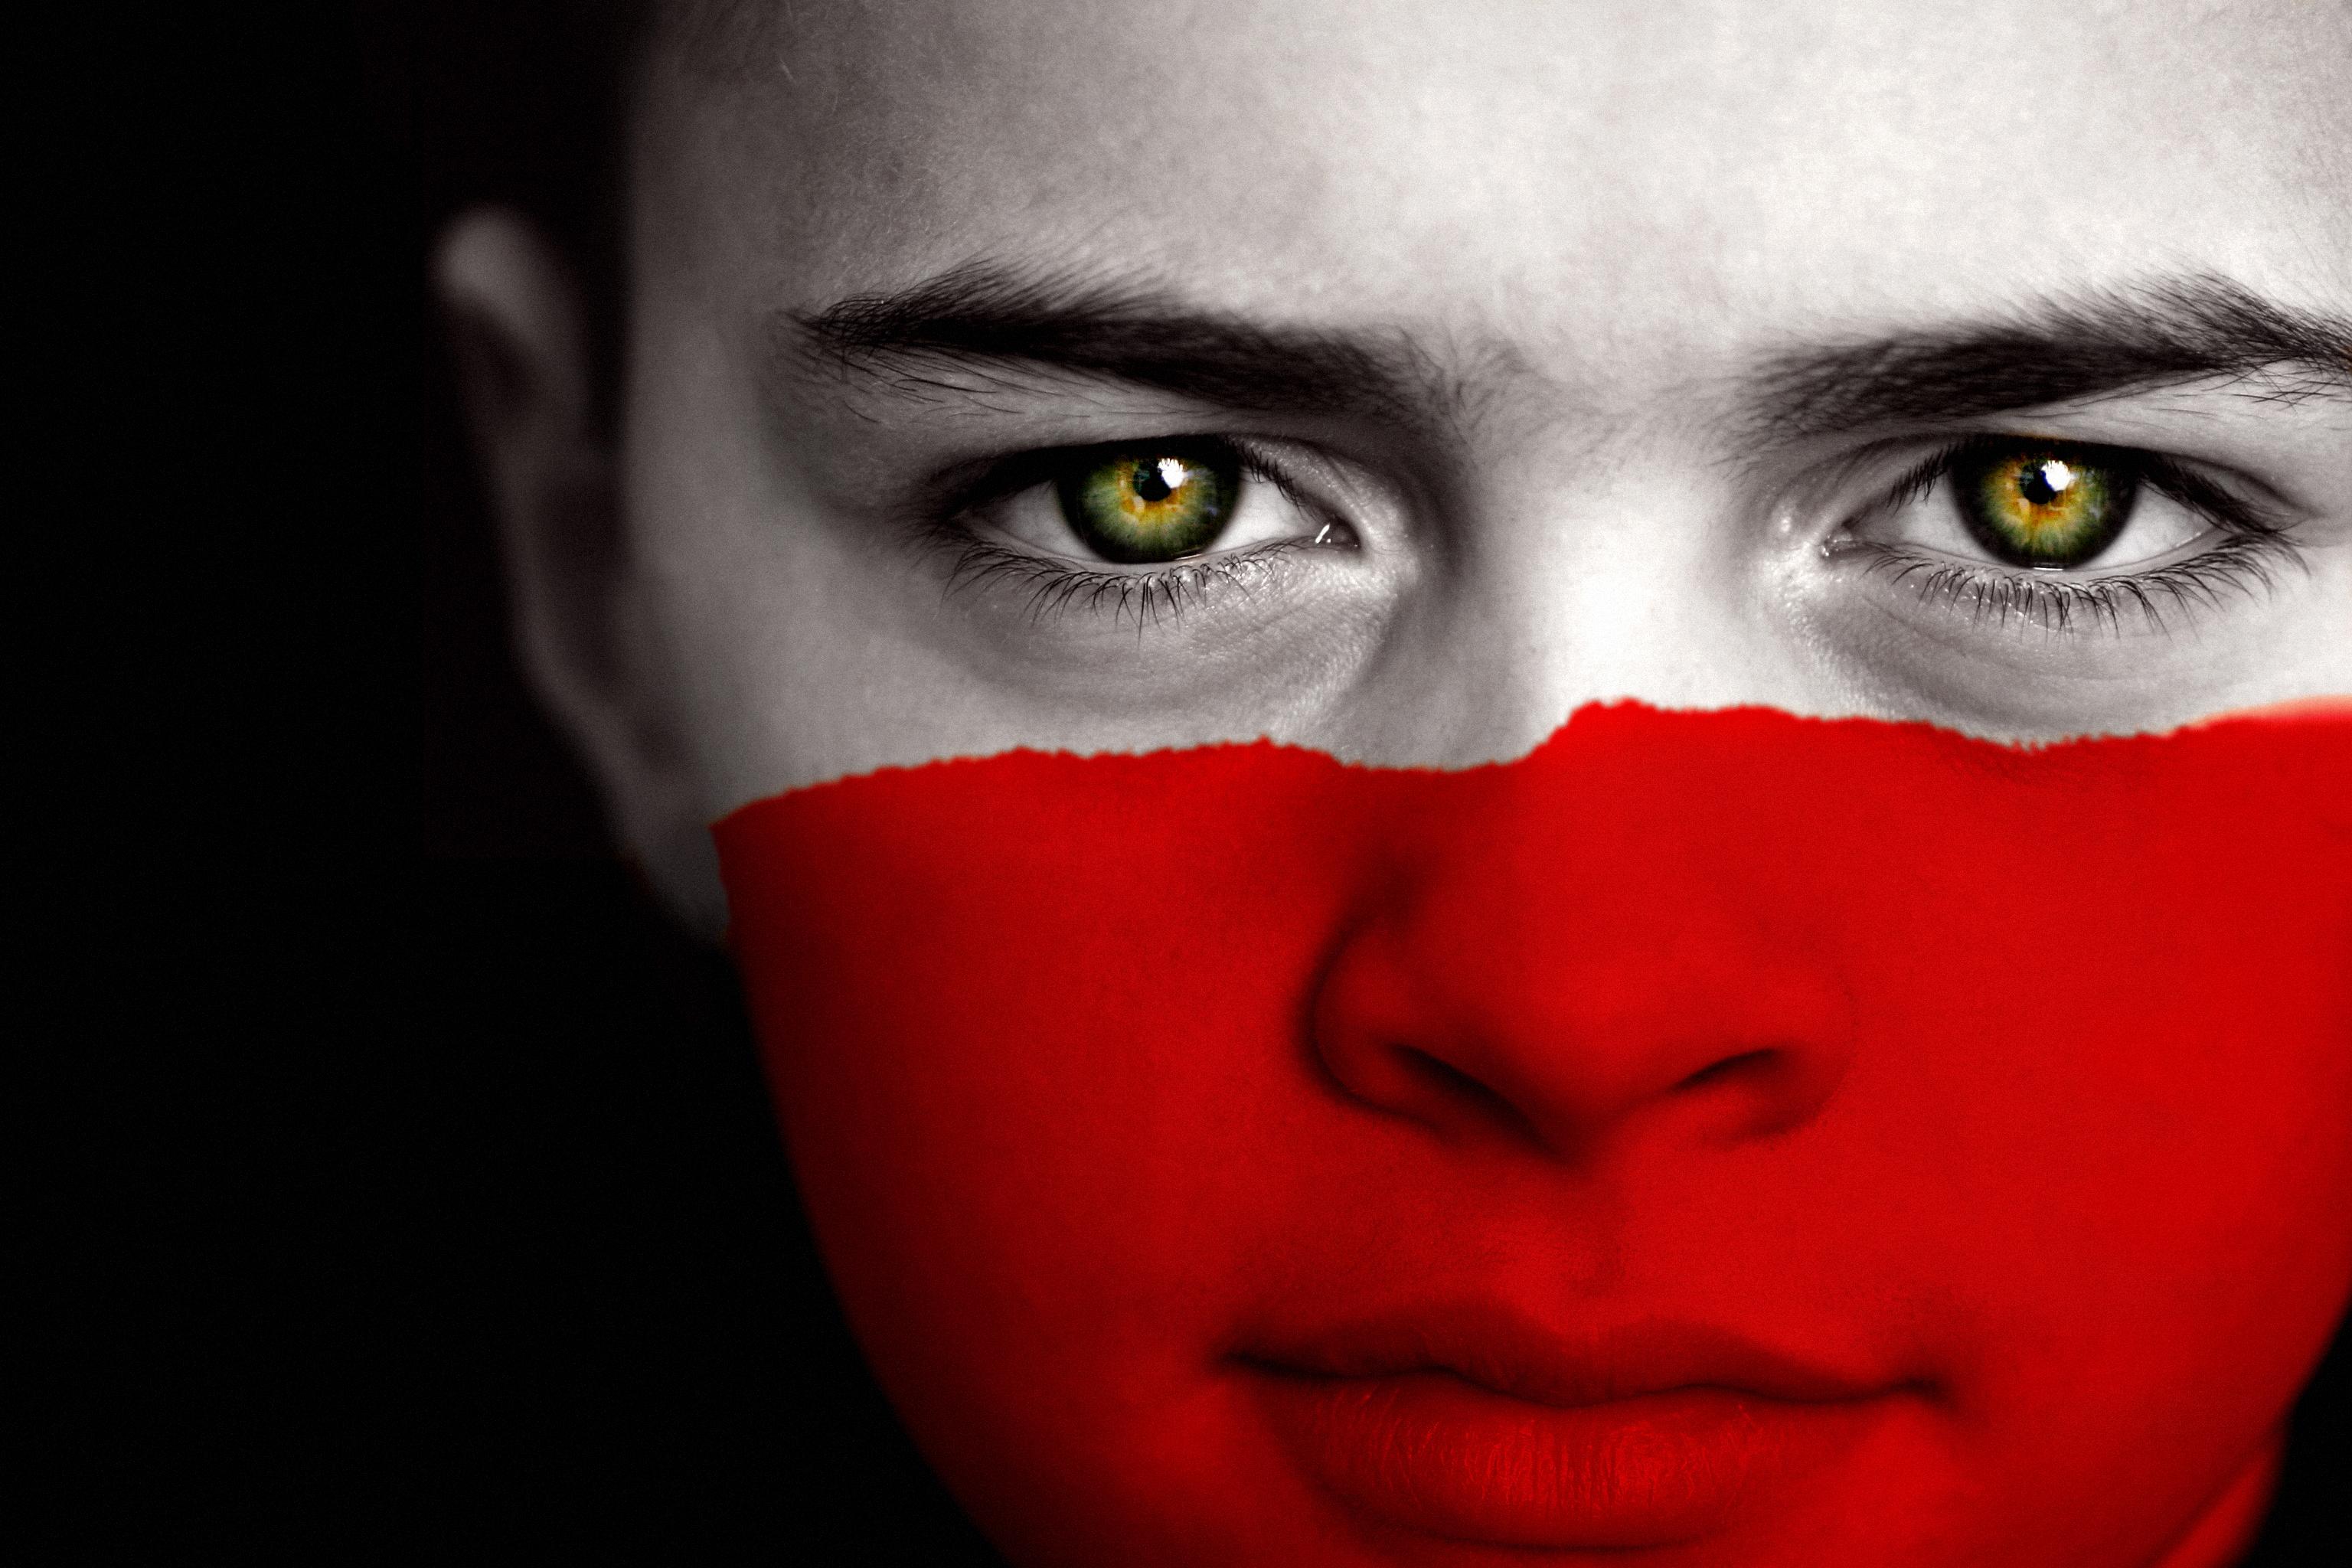 Karta pobytu w Polsce - Pomoc prawna i konsultacje